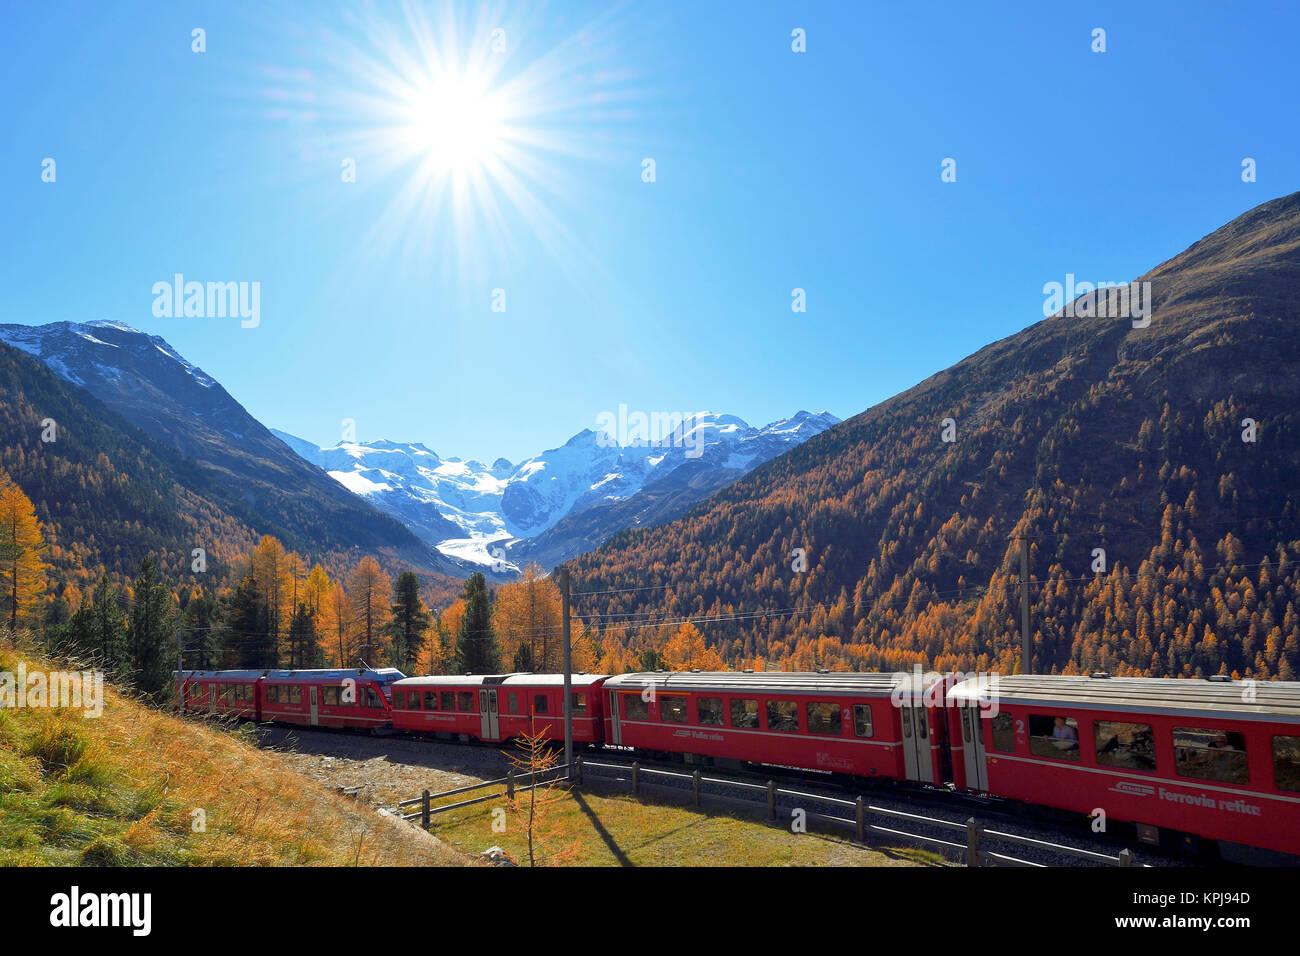 Bernina Express runs through larch forest in autumn, behind Morteratsch Glacier, Canton Graubünden, Switzerland - Stock Image